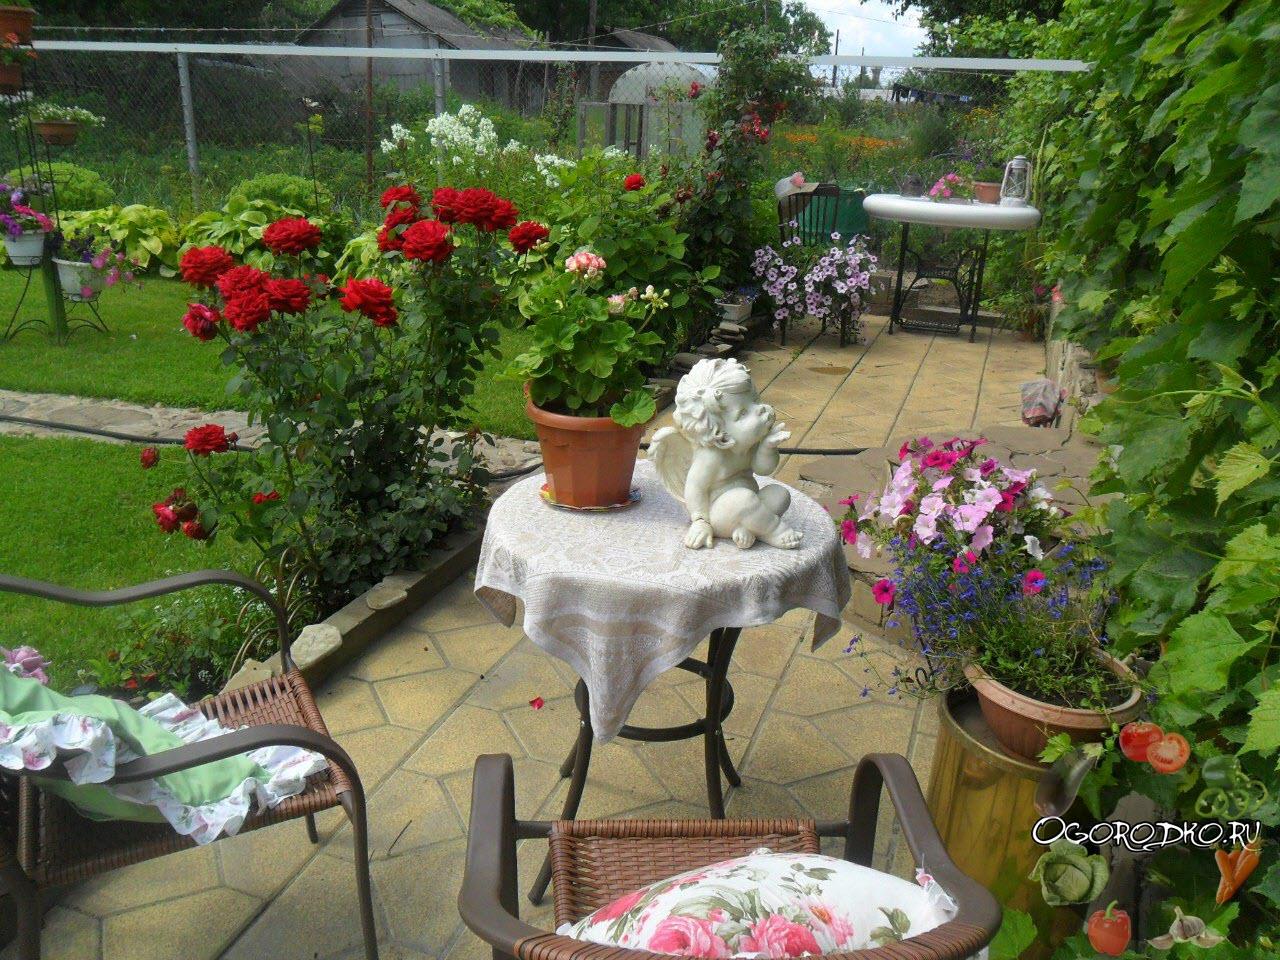 райский уголок в саду